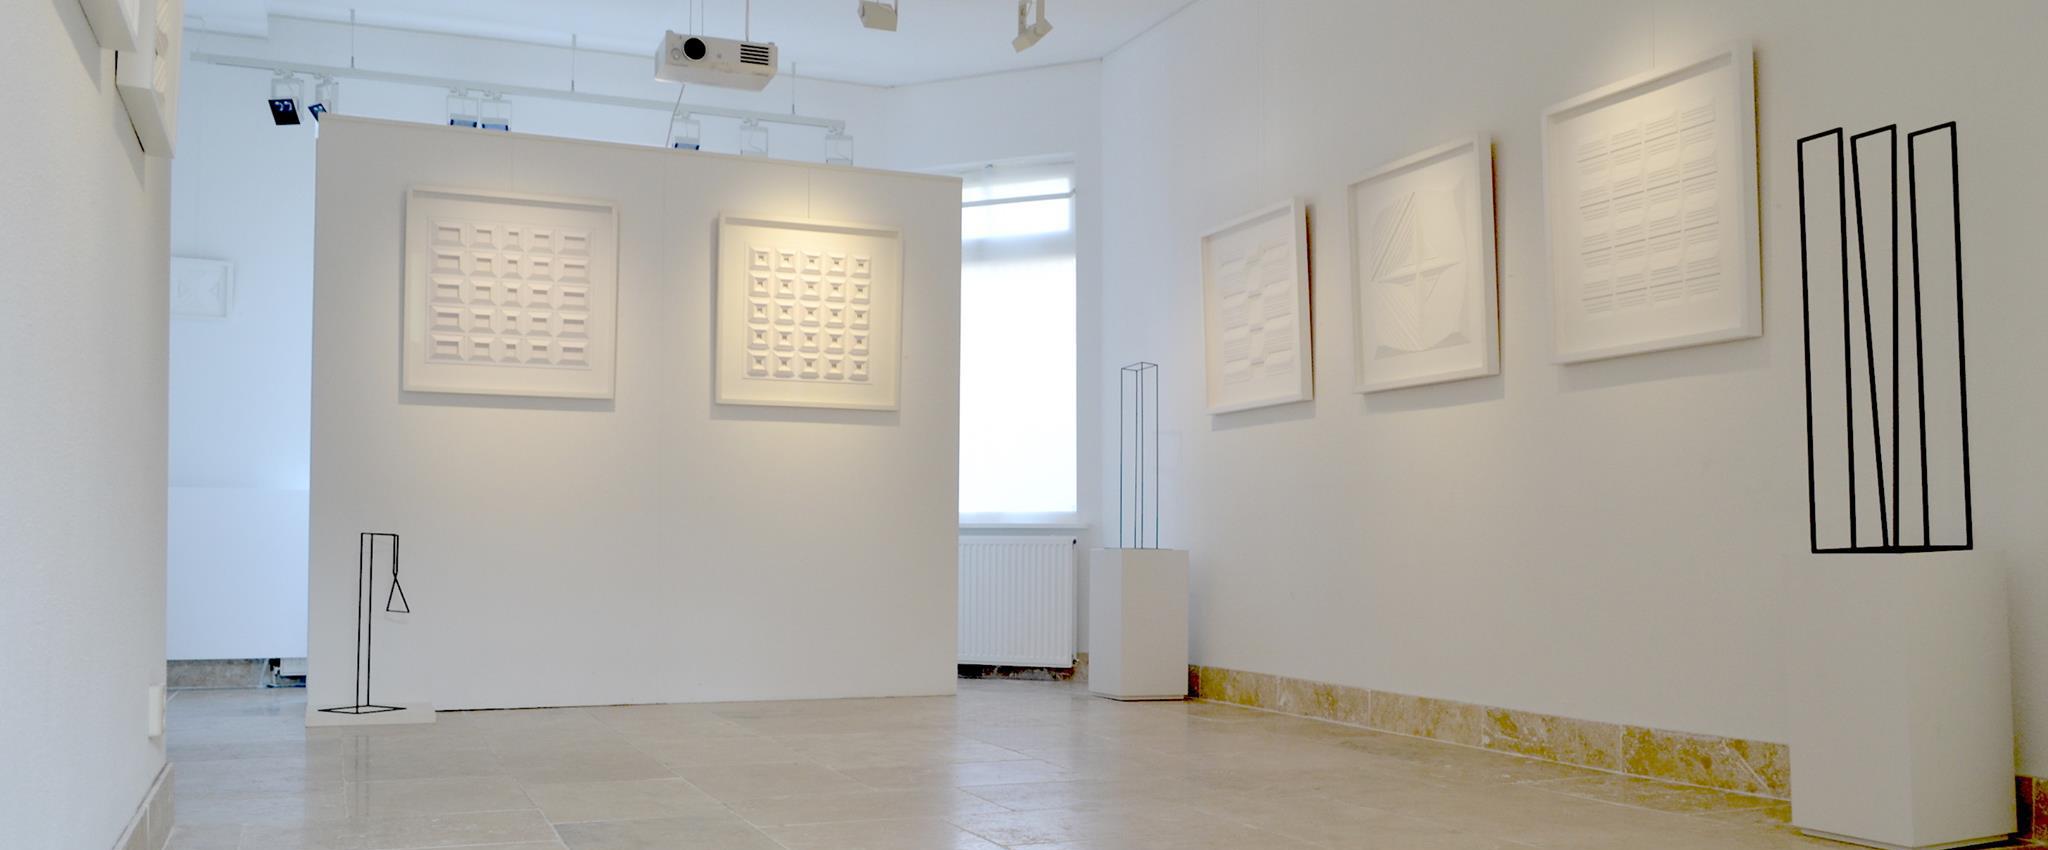 Art Gallery o68 Velp